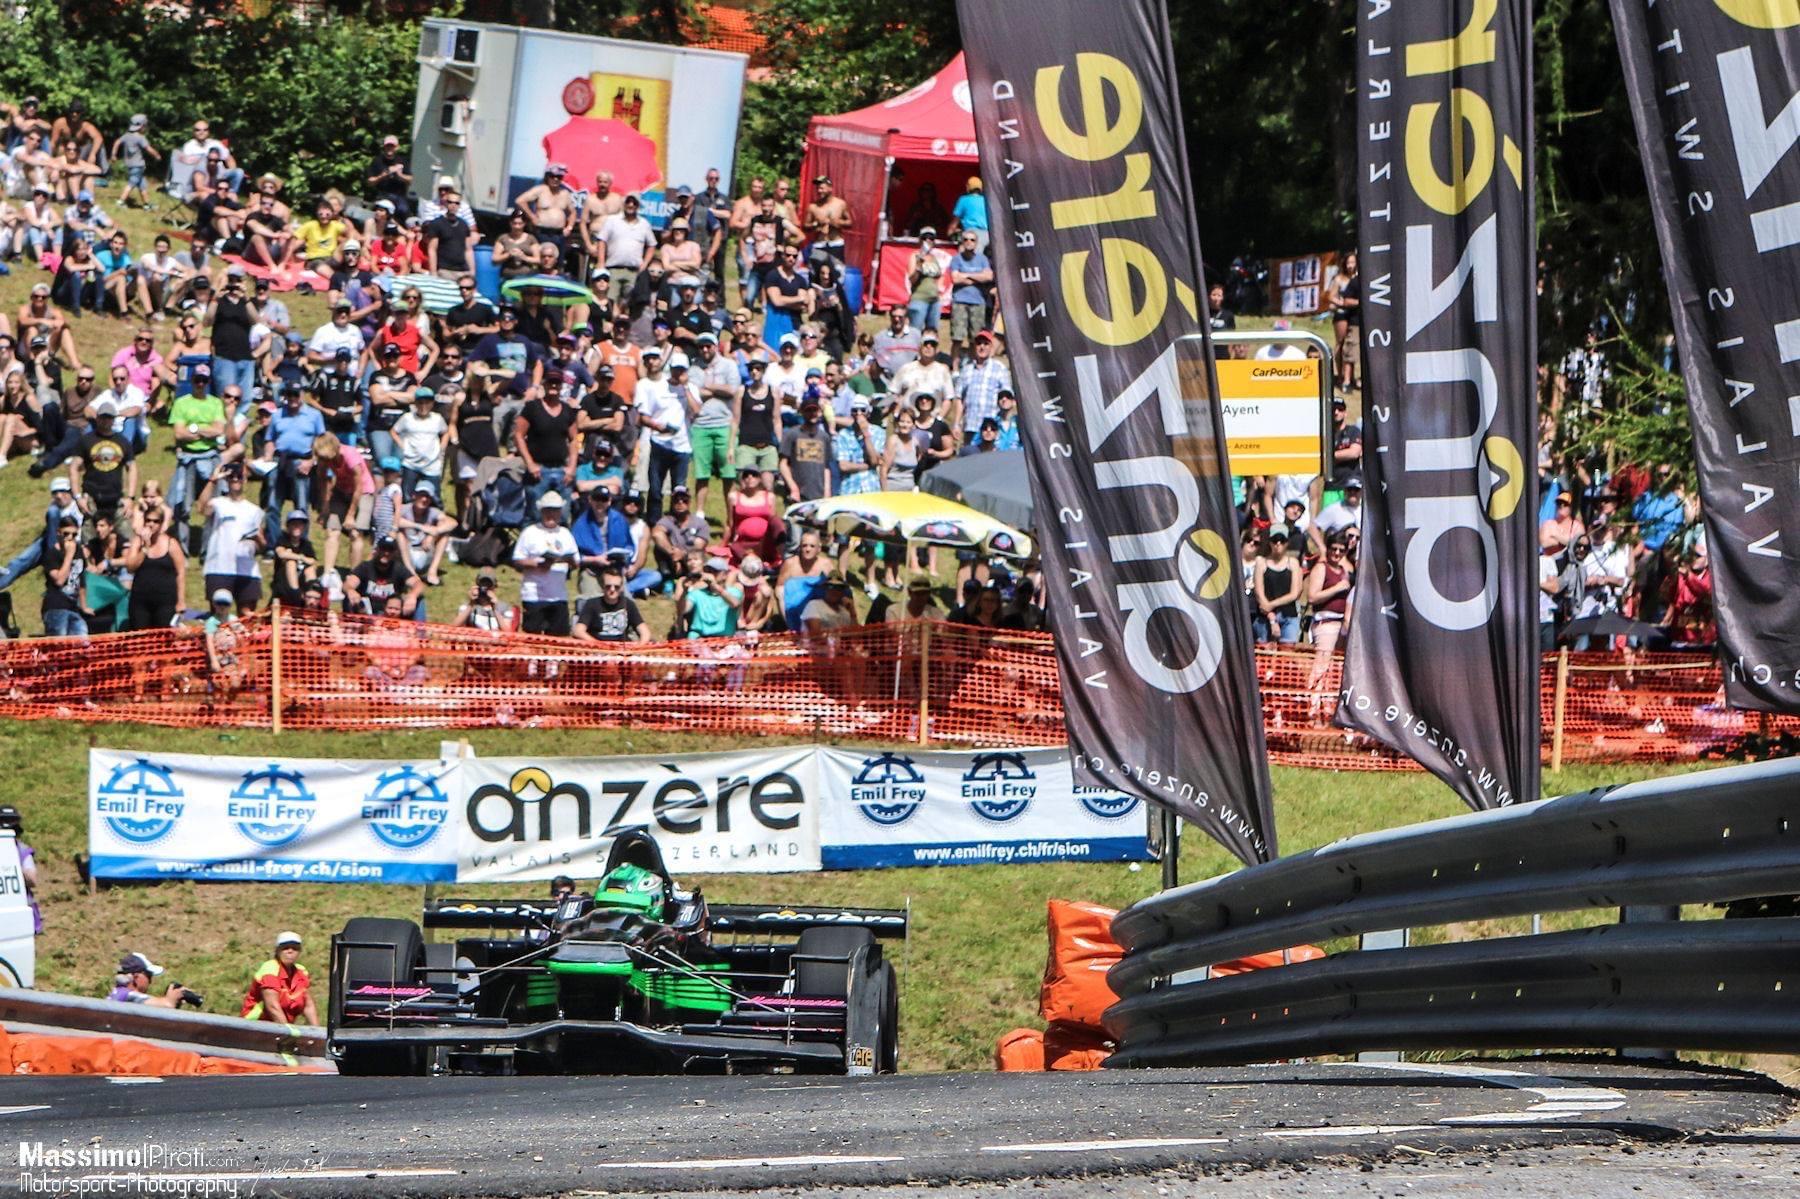 Entretien avec Thierry Métroz : Le championnat de la montagne pourra-t-il débuter à Anzère ?